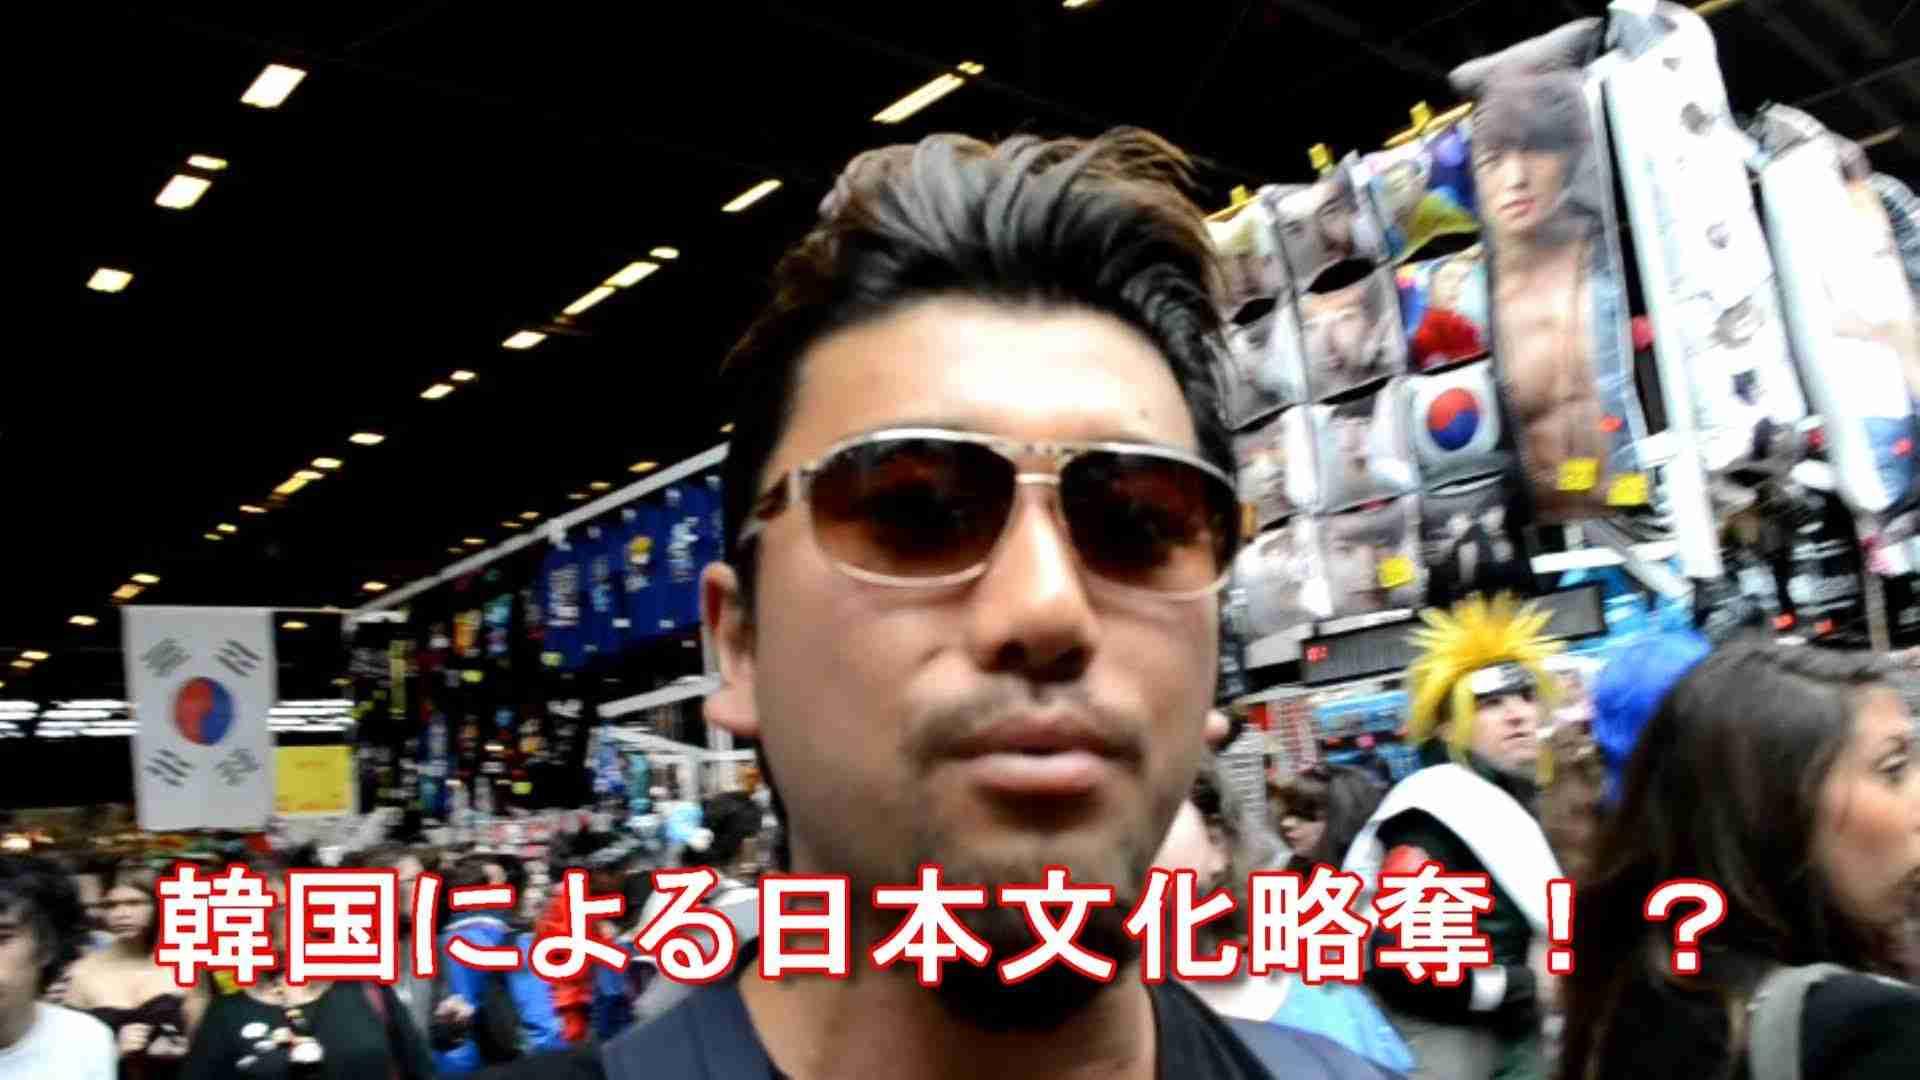 潜入ルポ!フランス・ジャパンエキスポ・韓国による日本文化略奪??(嘘に満ち溢れた韓流・日本に寄生する韓国) - YouTube